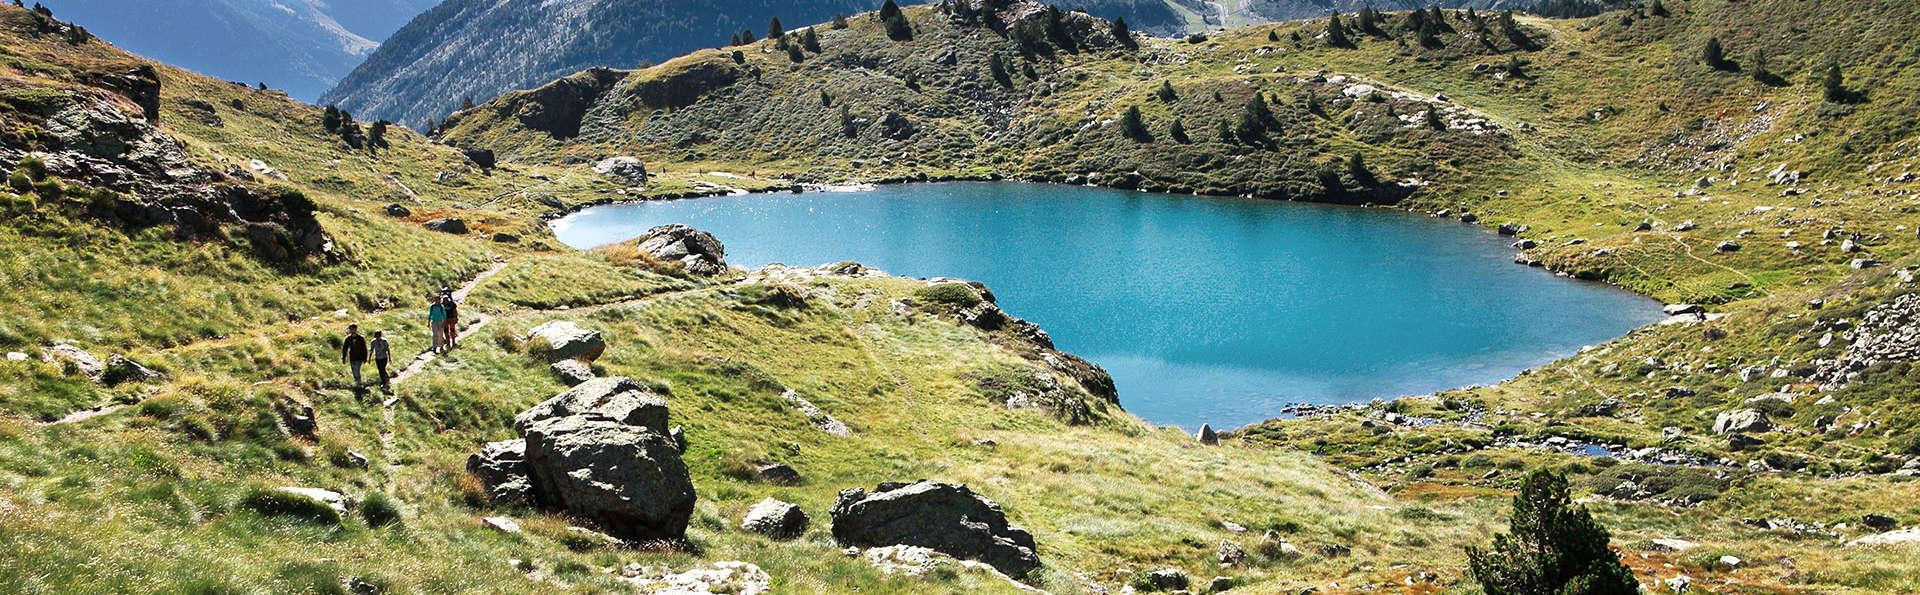 Demi-pension et Andorre, la combinaison parfaite !